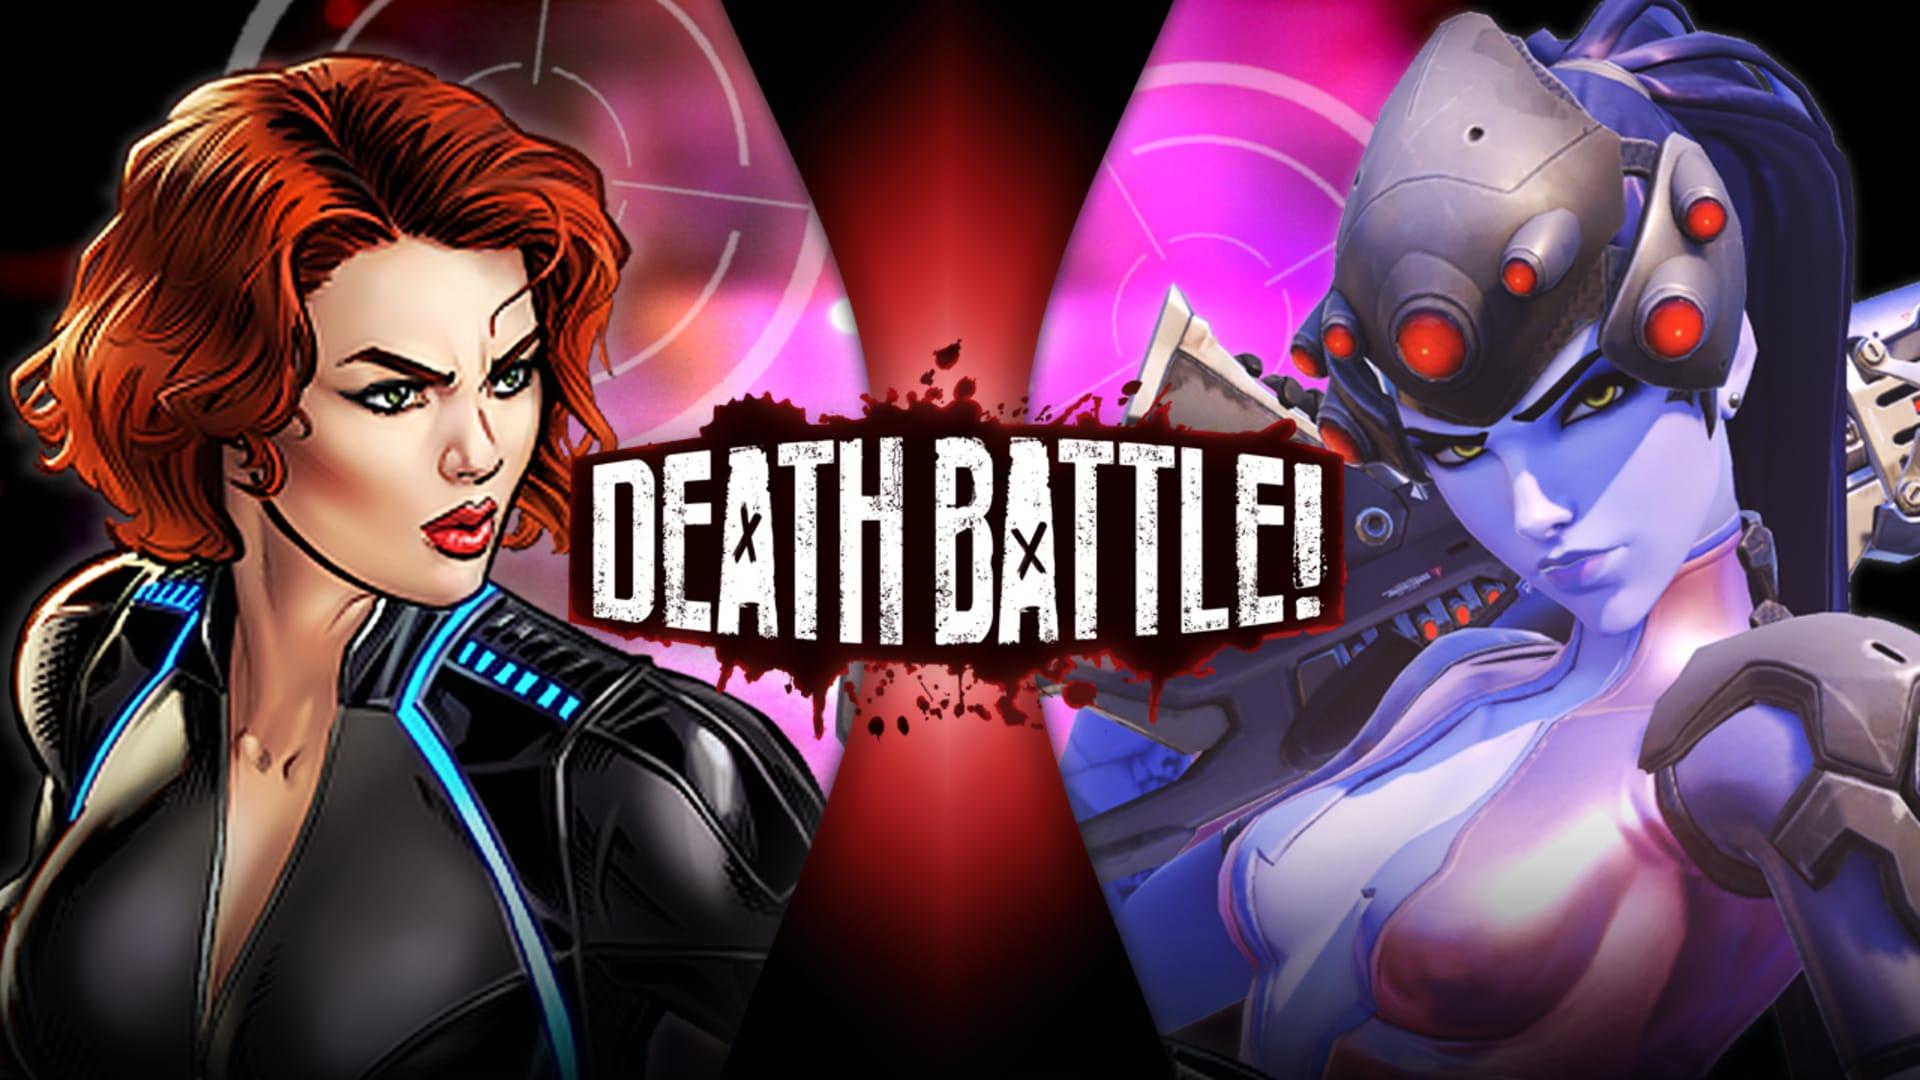 Black Widow VS Widowmaker (Marvel VS Overwatch) - Rooster Teeth